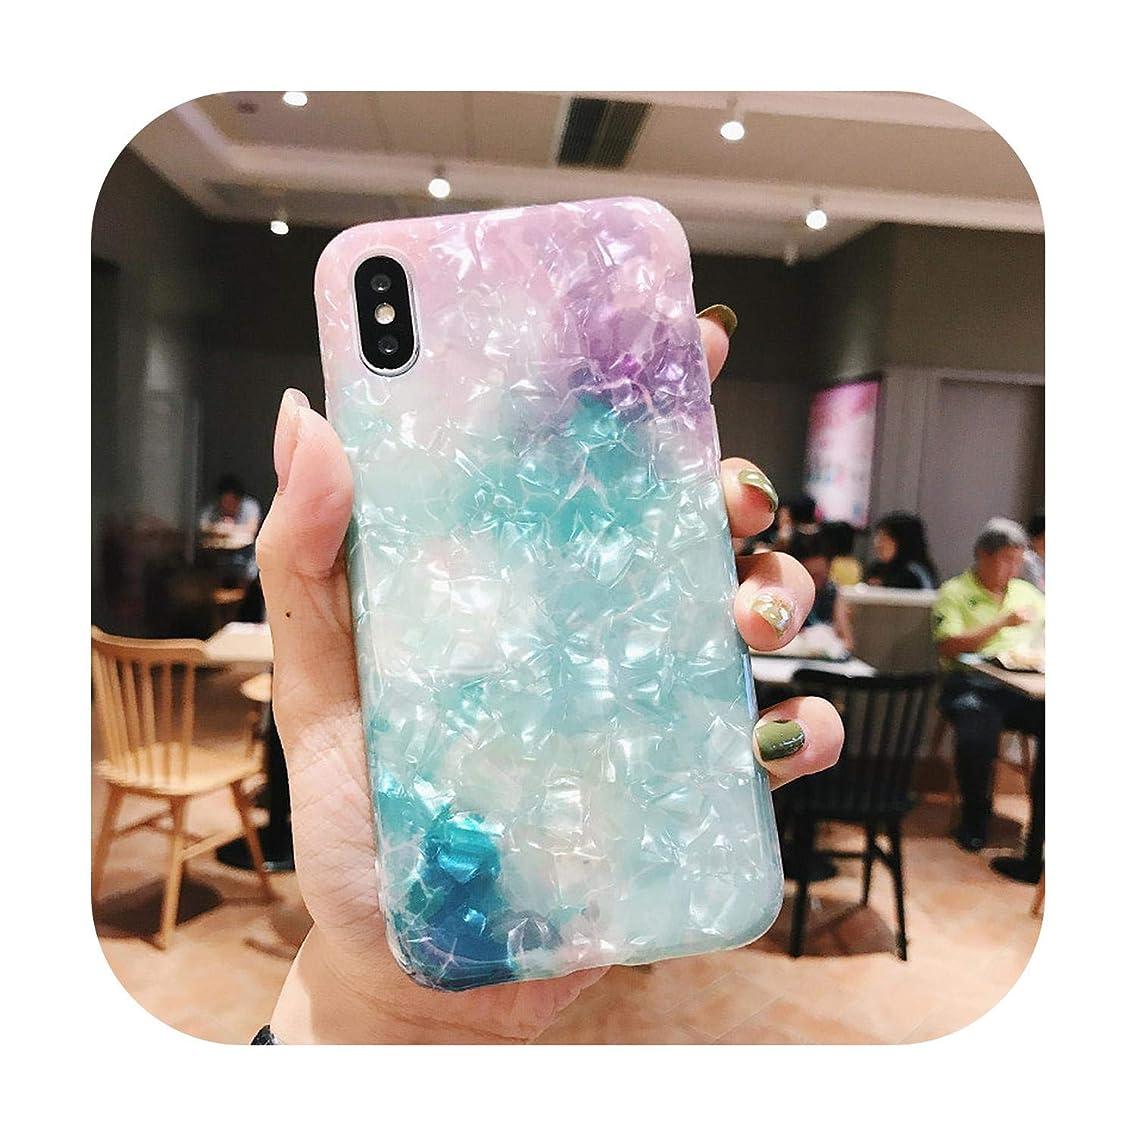 メジャー集める低下光沢のある大理石ケースiPhone 7 X 11ケース用グリッターパターン化された巻き貝シリコーンiPhone 6 s 7 8プラスXR XS 11プロマックスケース-5-For iPhone Xs Max